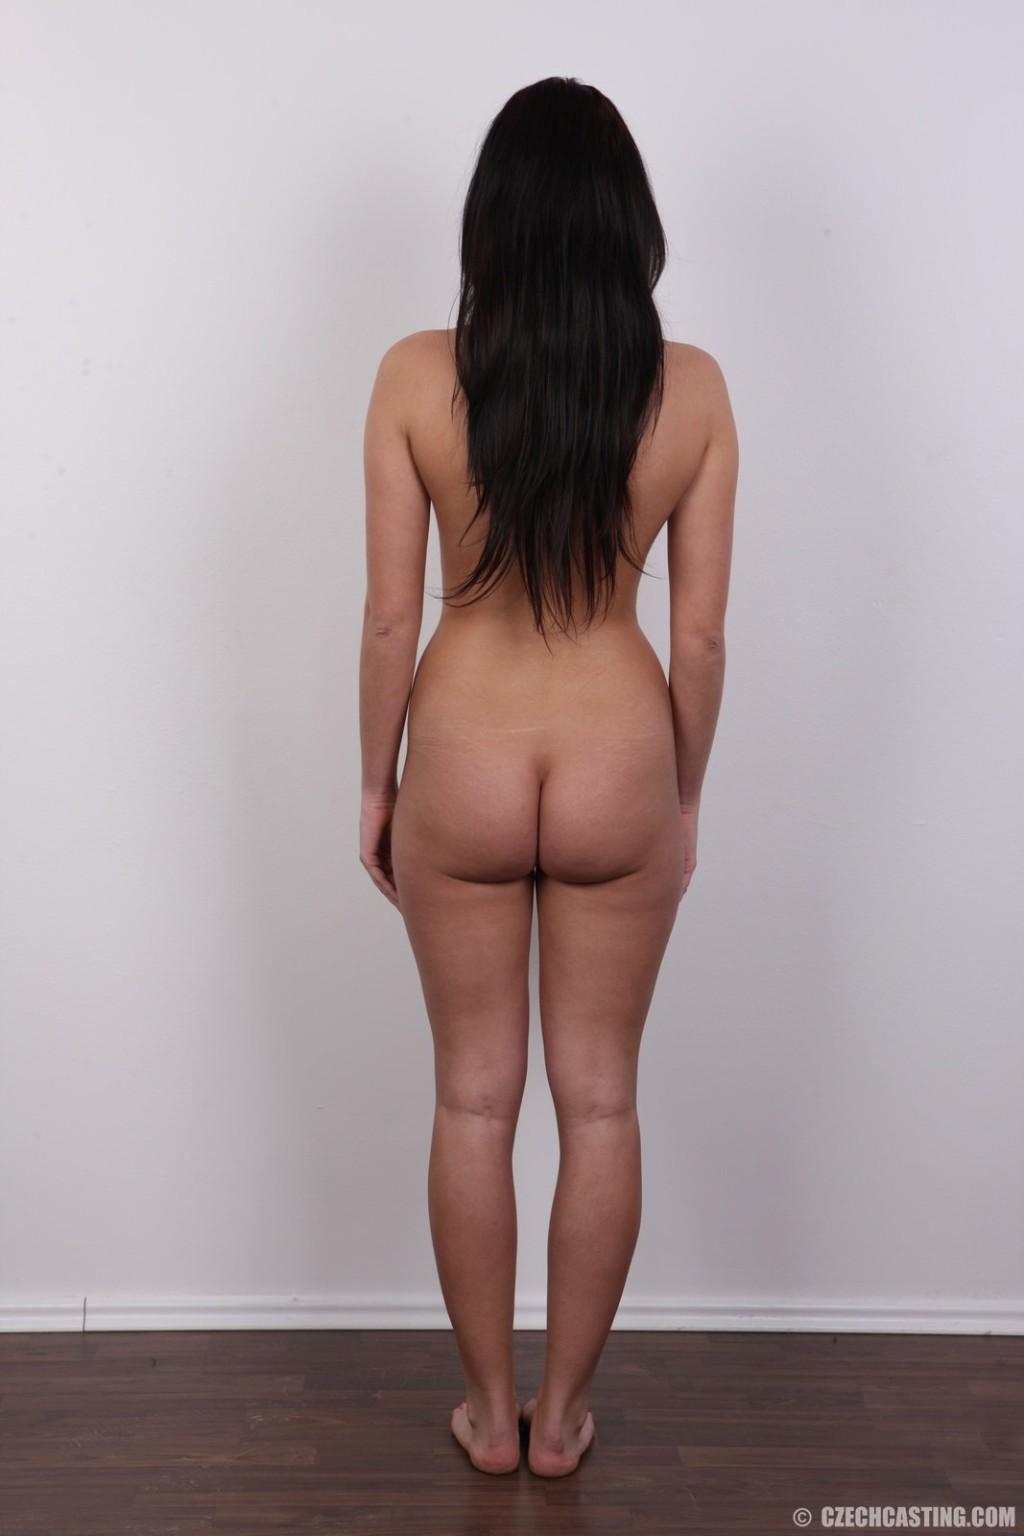 Сочные женщины - Галерея № 3531884